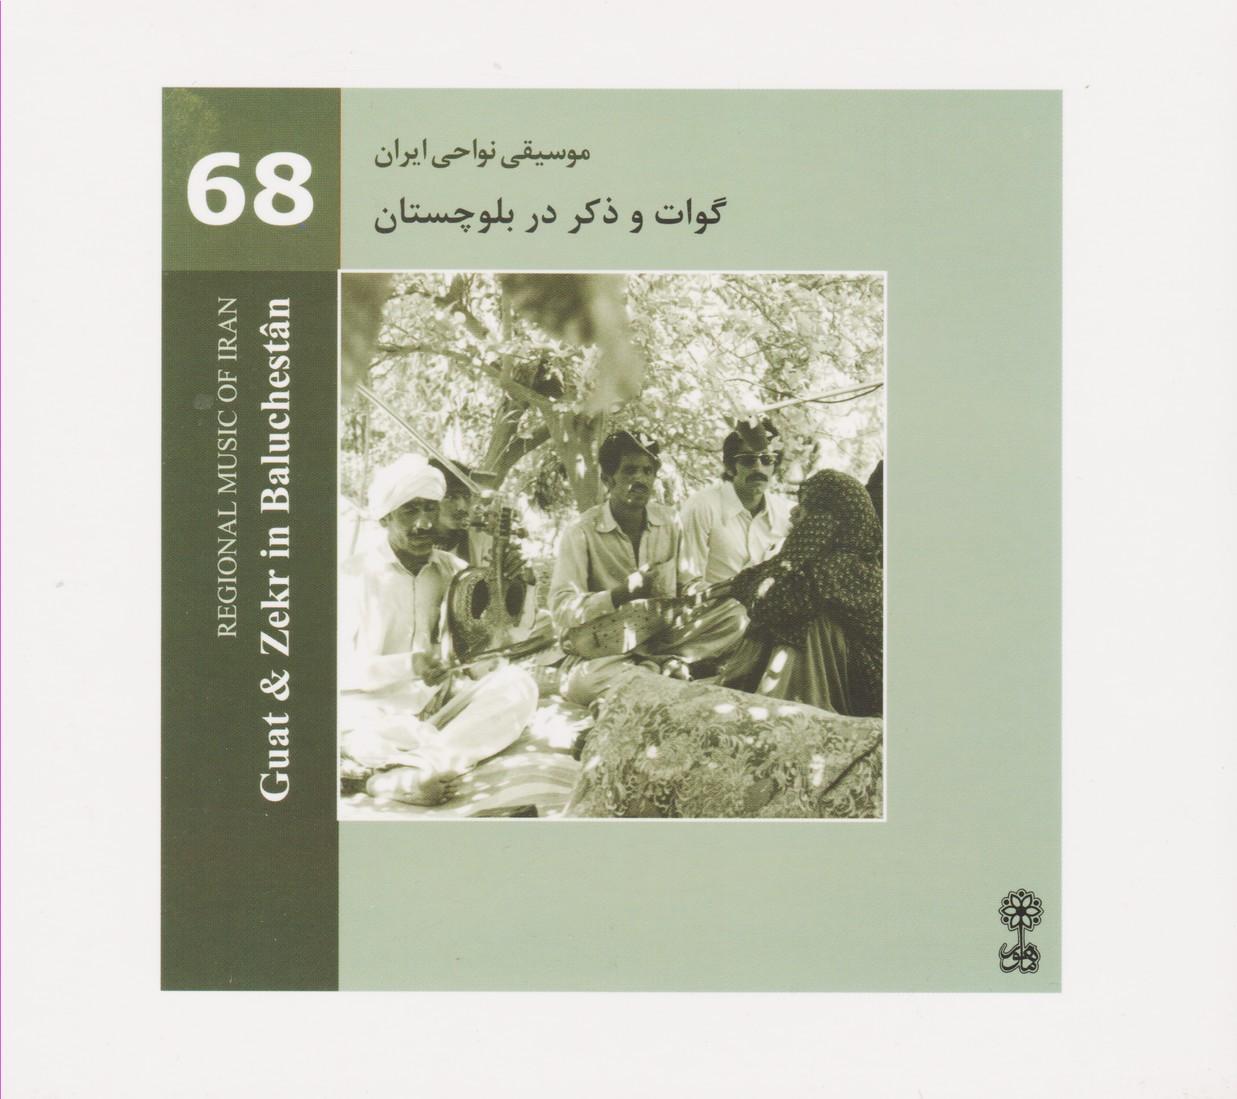 موسیقی نواحی ایران (68) گوات و ذکر در بلوچستان